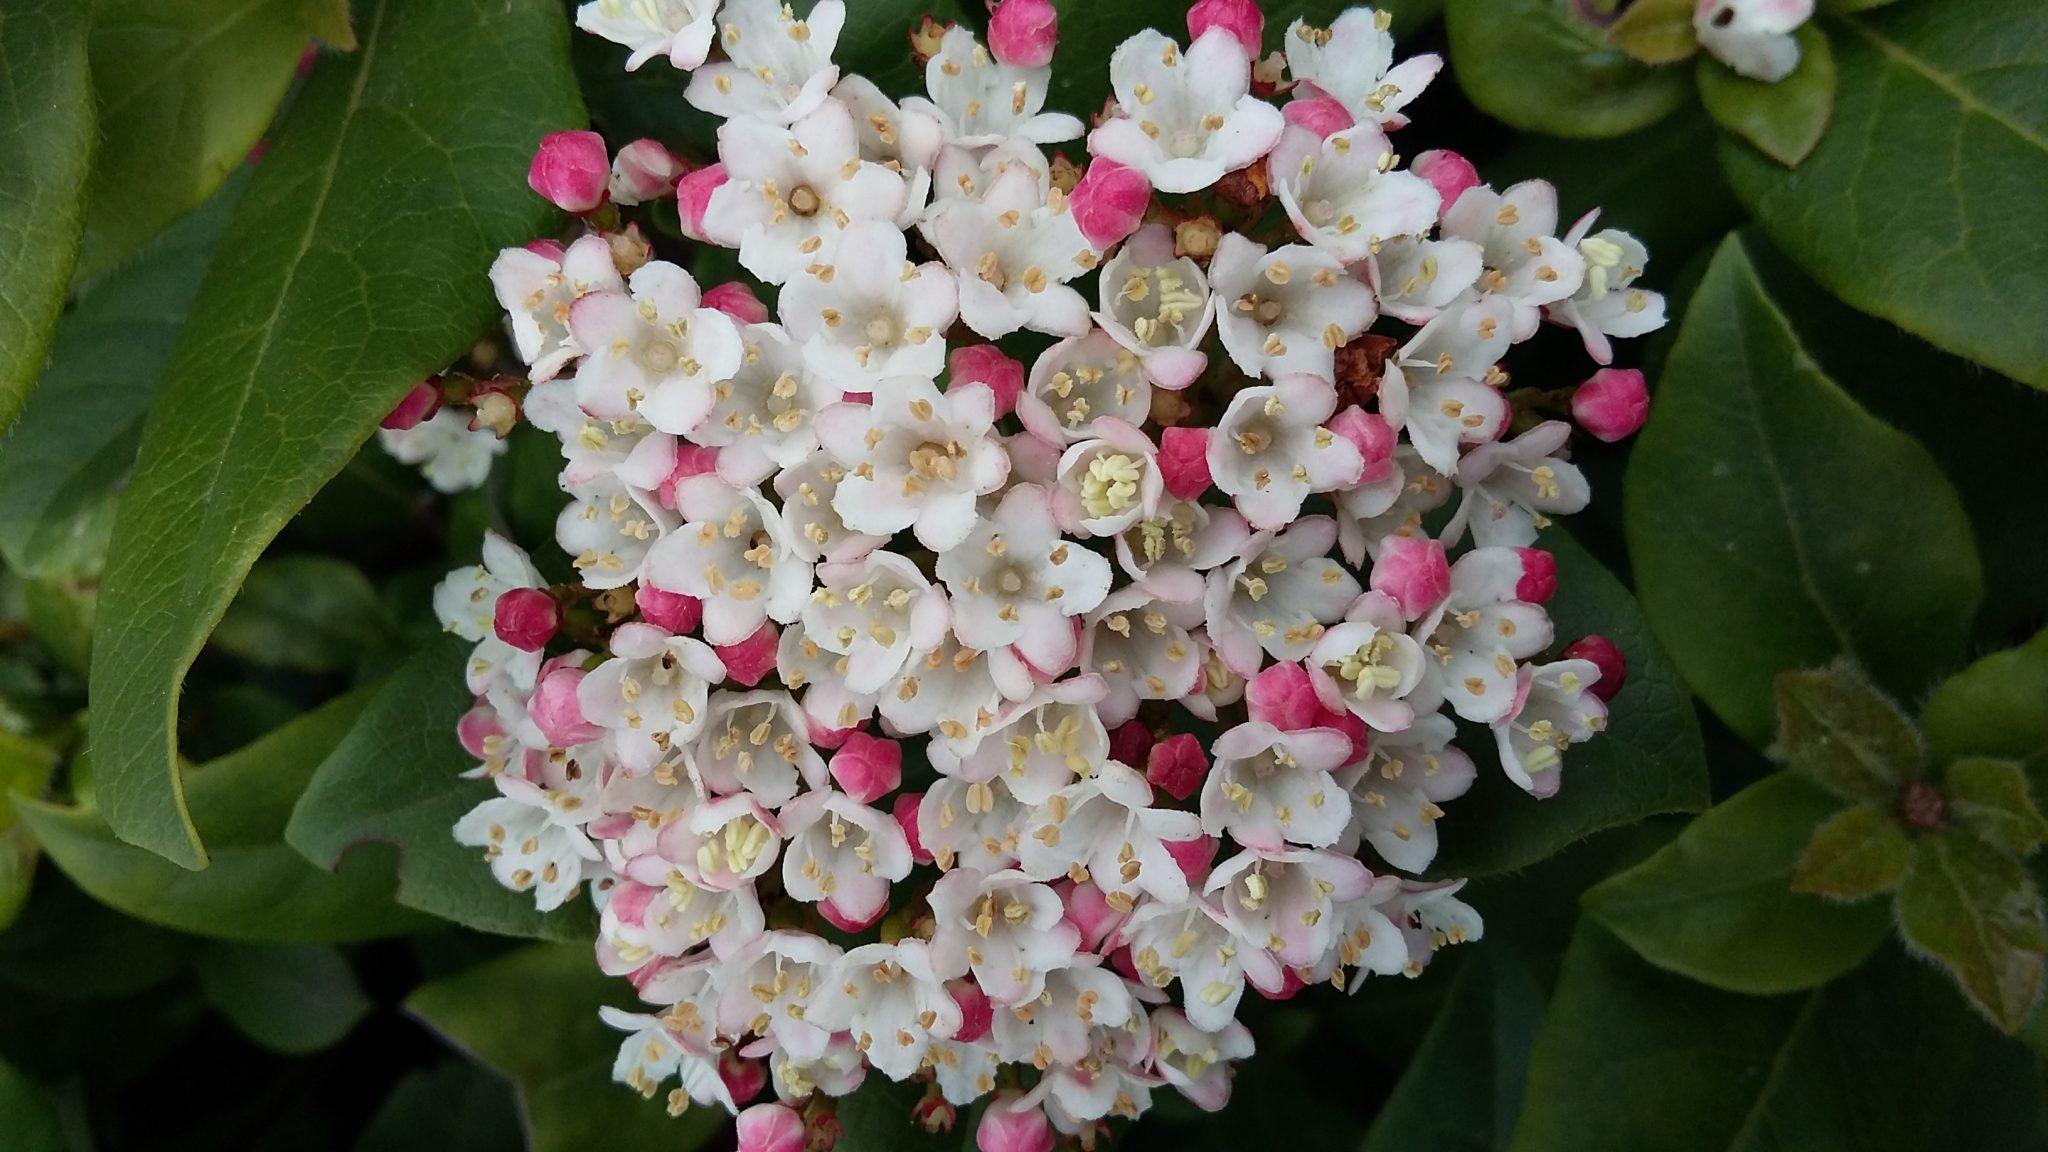 Viburnum Tinus a beautiful evergreen shrub that flowers in the autumn